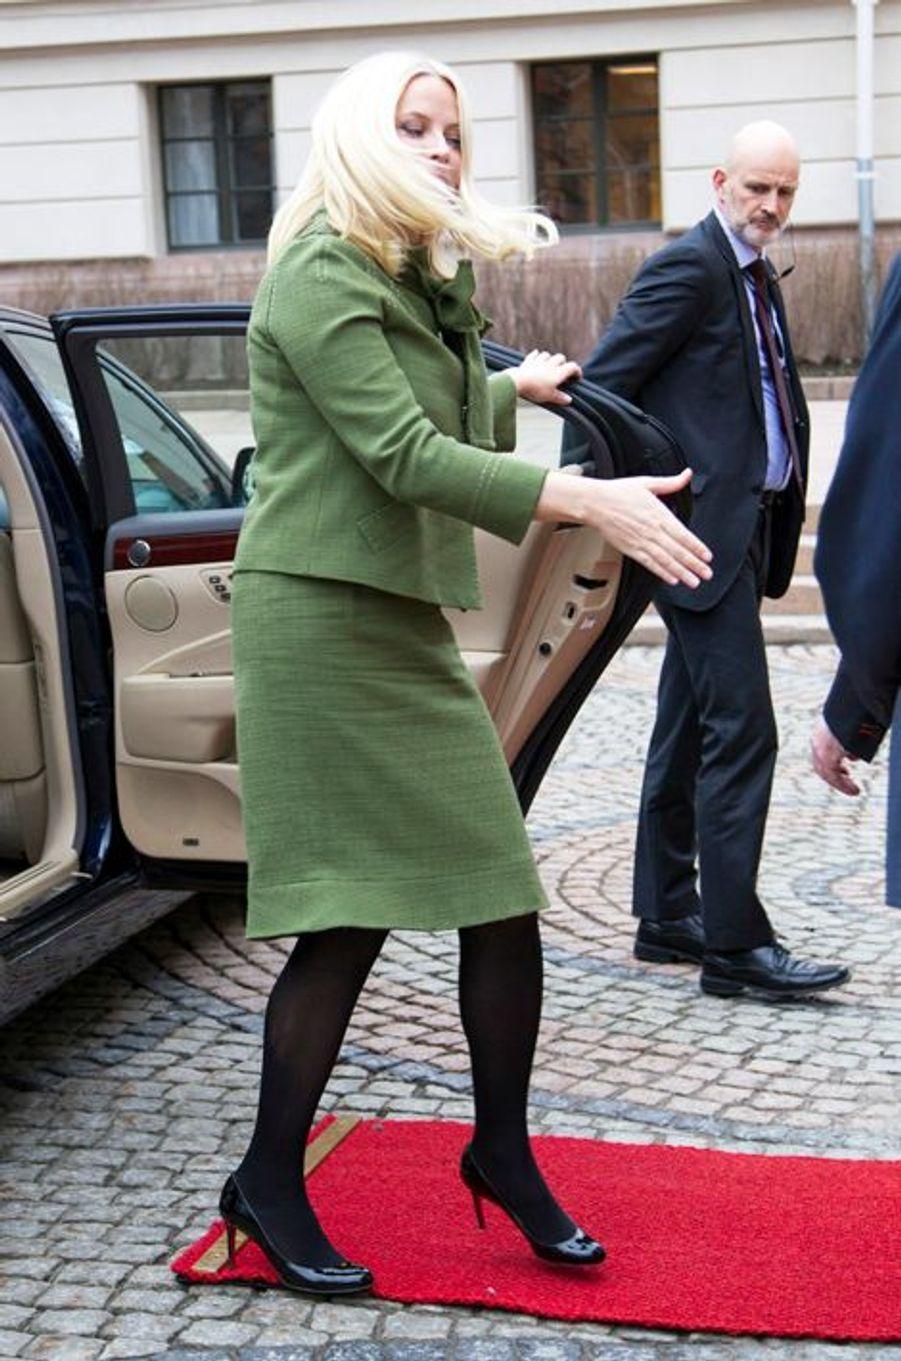 La princesse Mette-Marit arrive à l'université d'Oslo, le 16 mars 2015